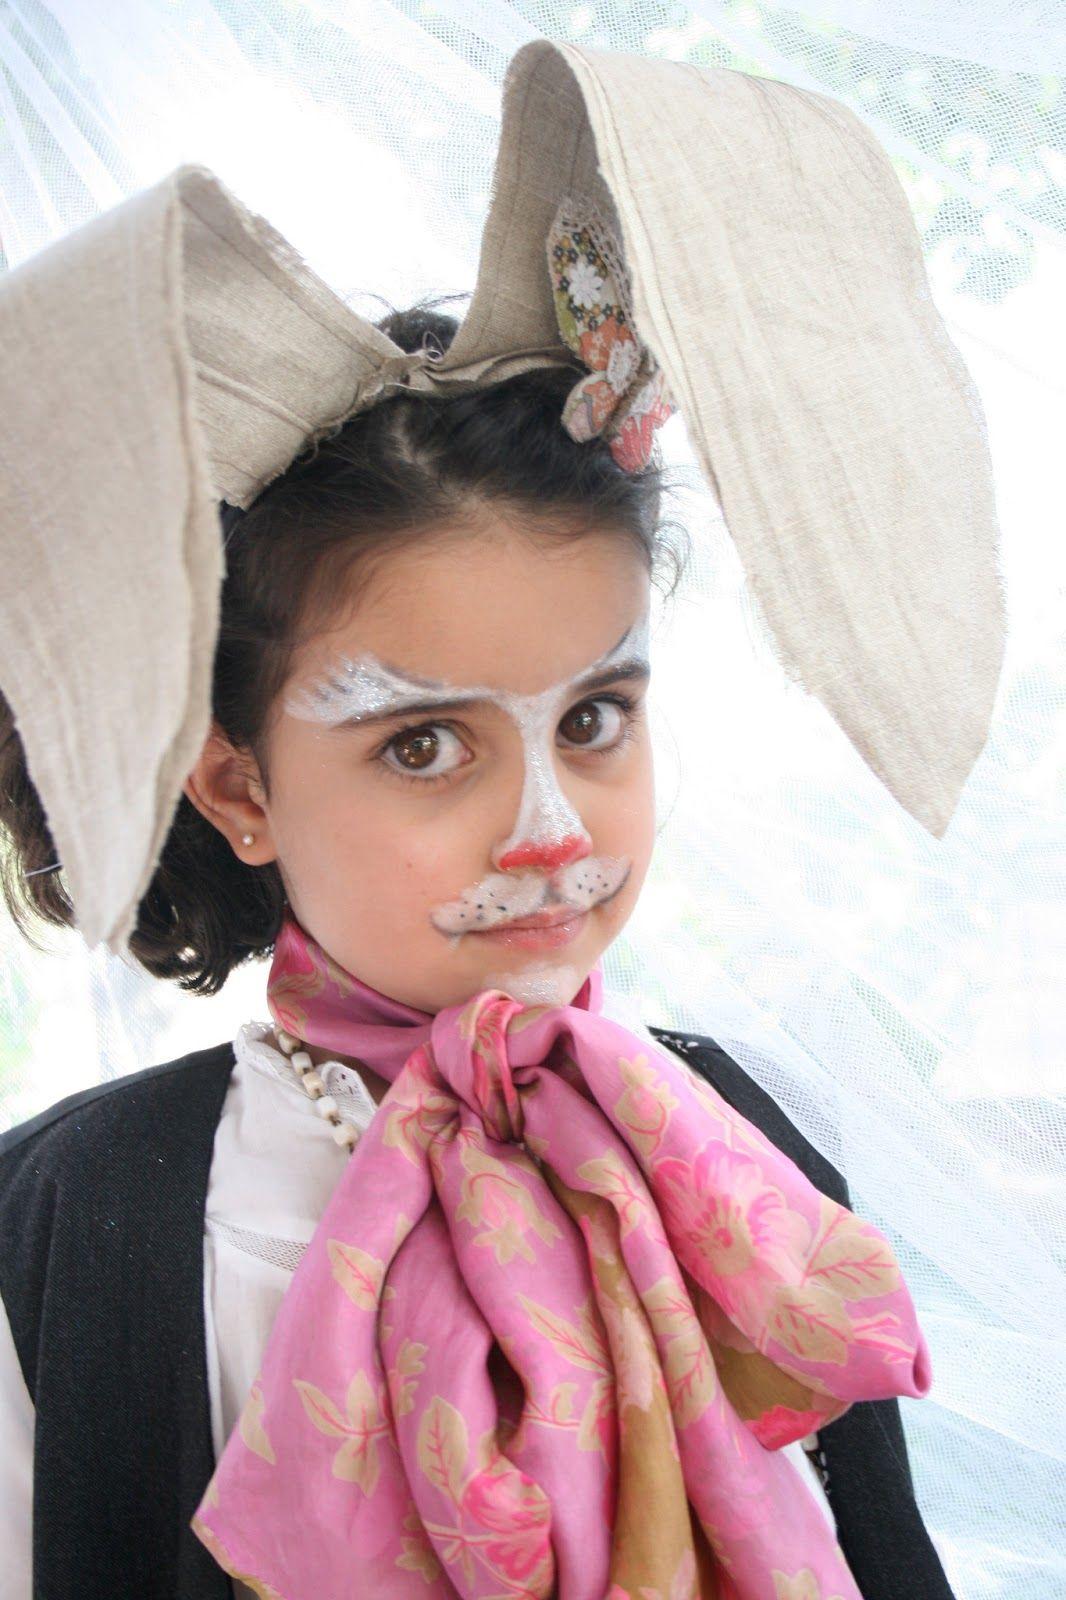 cff33ba52 Disfraz de liebre de Marzo realizado por El Atelier de las Pulgas Maquillaje  De Conejo,